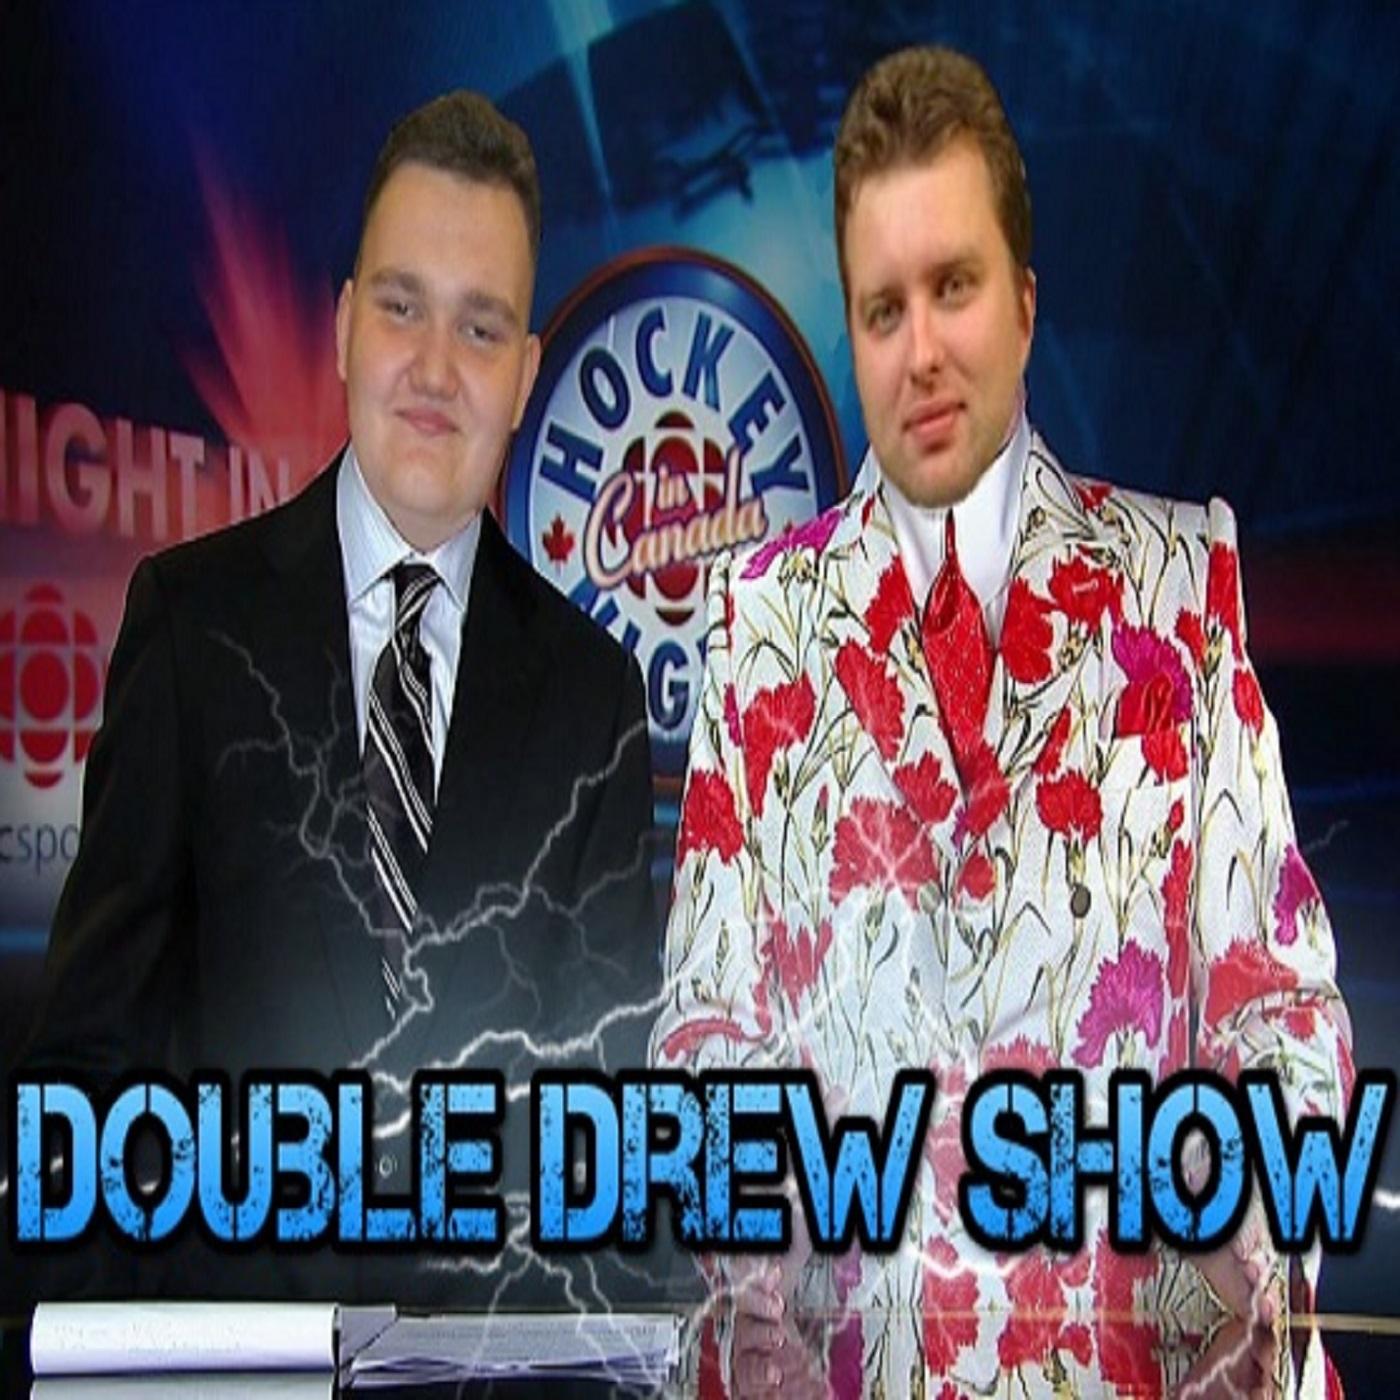 Double-Drew Show